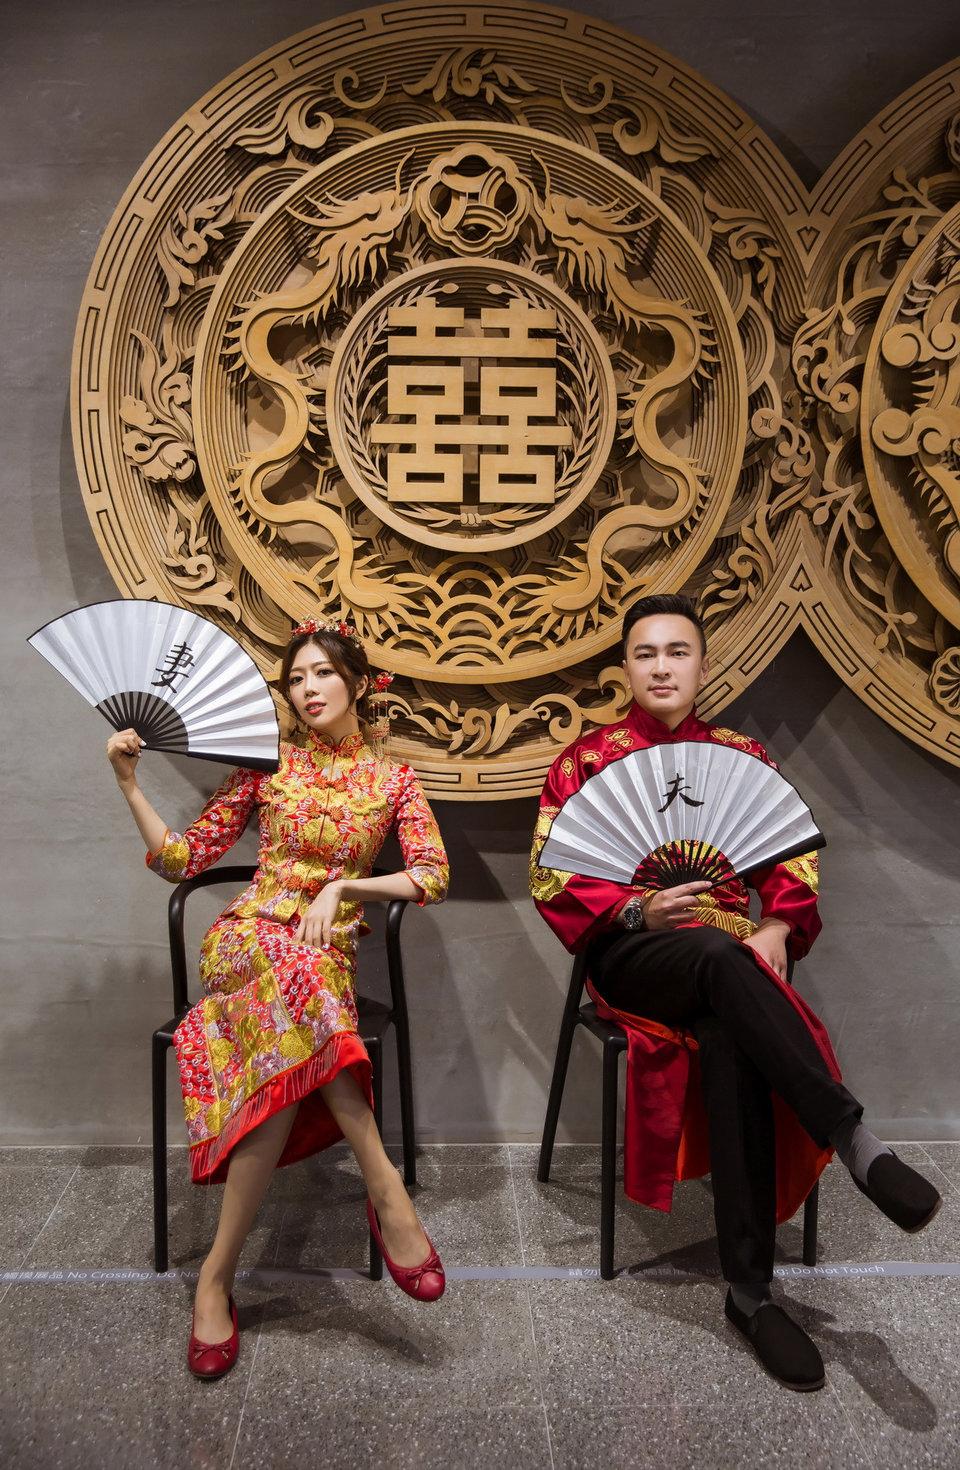 高雄法國台北婚紗,高雄法國台北婚攝分享